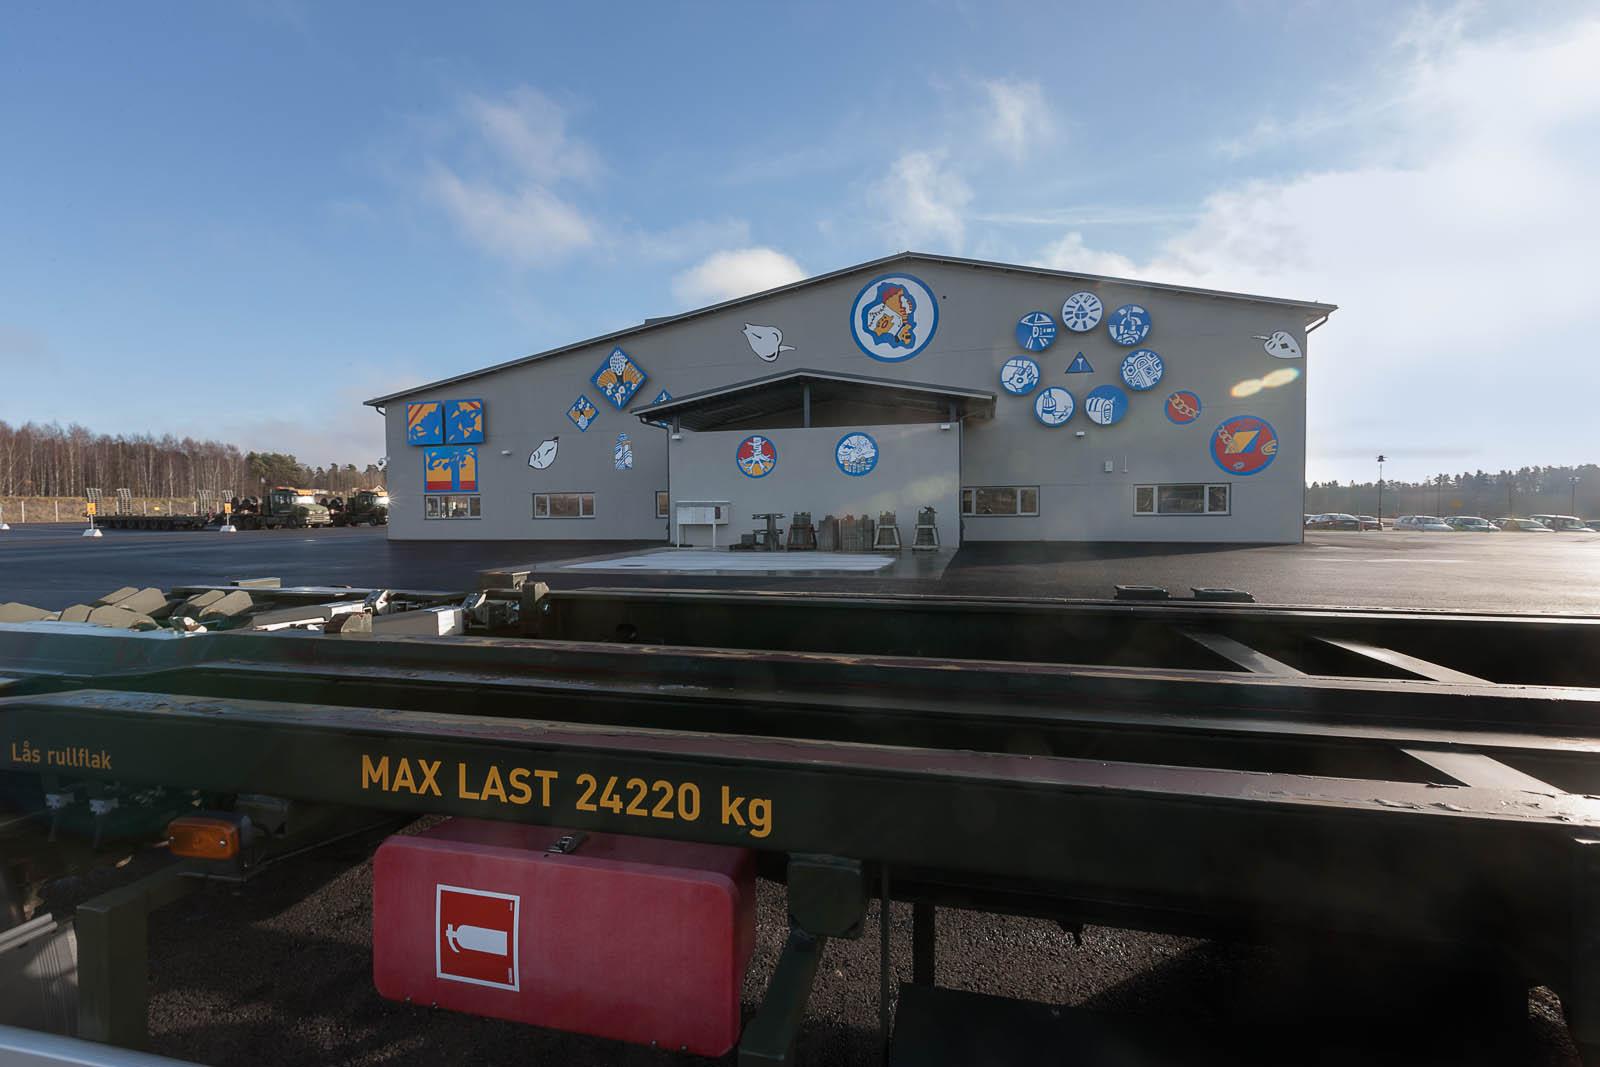 Ett tjugotal skyltar fästa i olika konstellationer på kortändan av en grå byggnad omgiven av parkeringsplats och skog. Anton Wiraeus, Vägledare